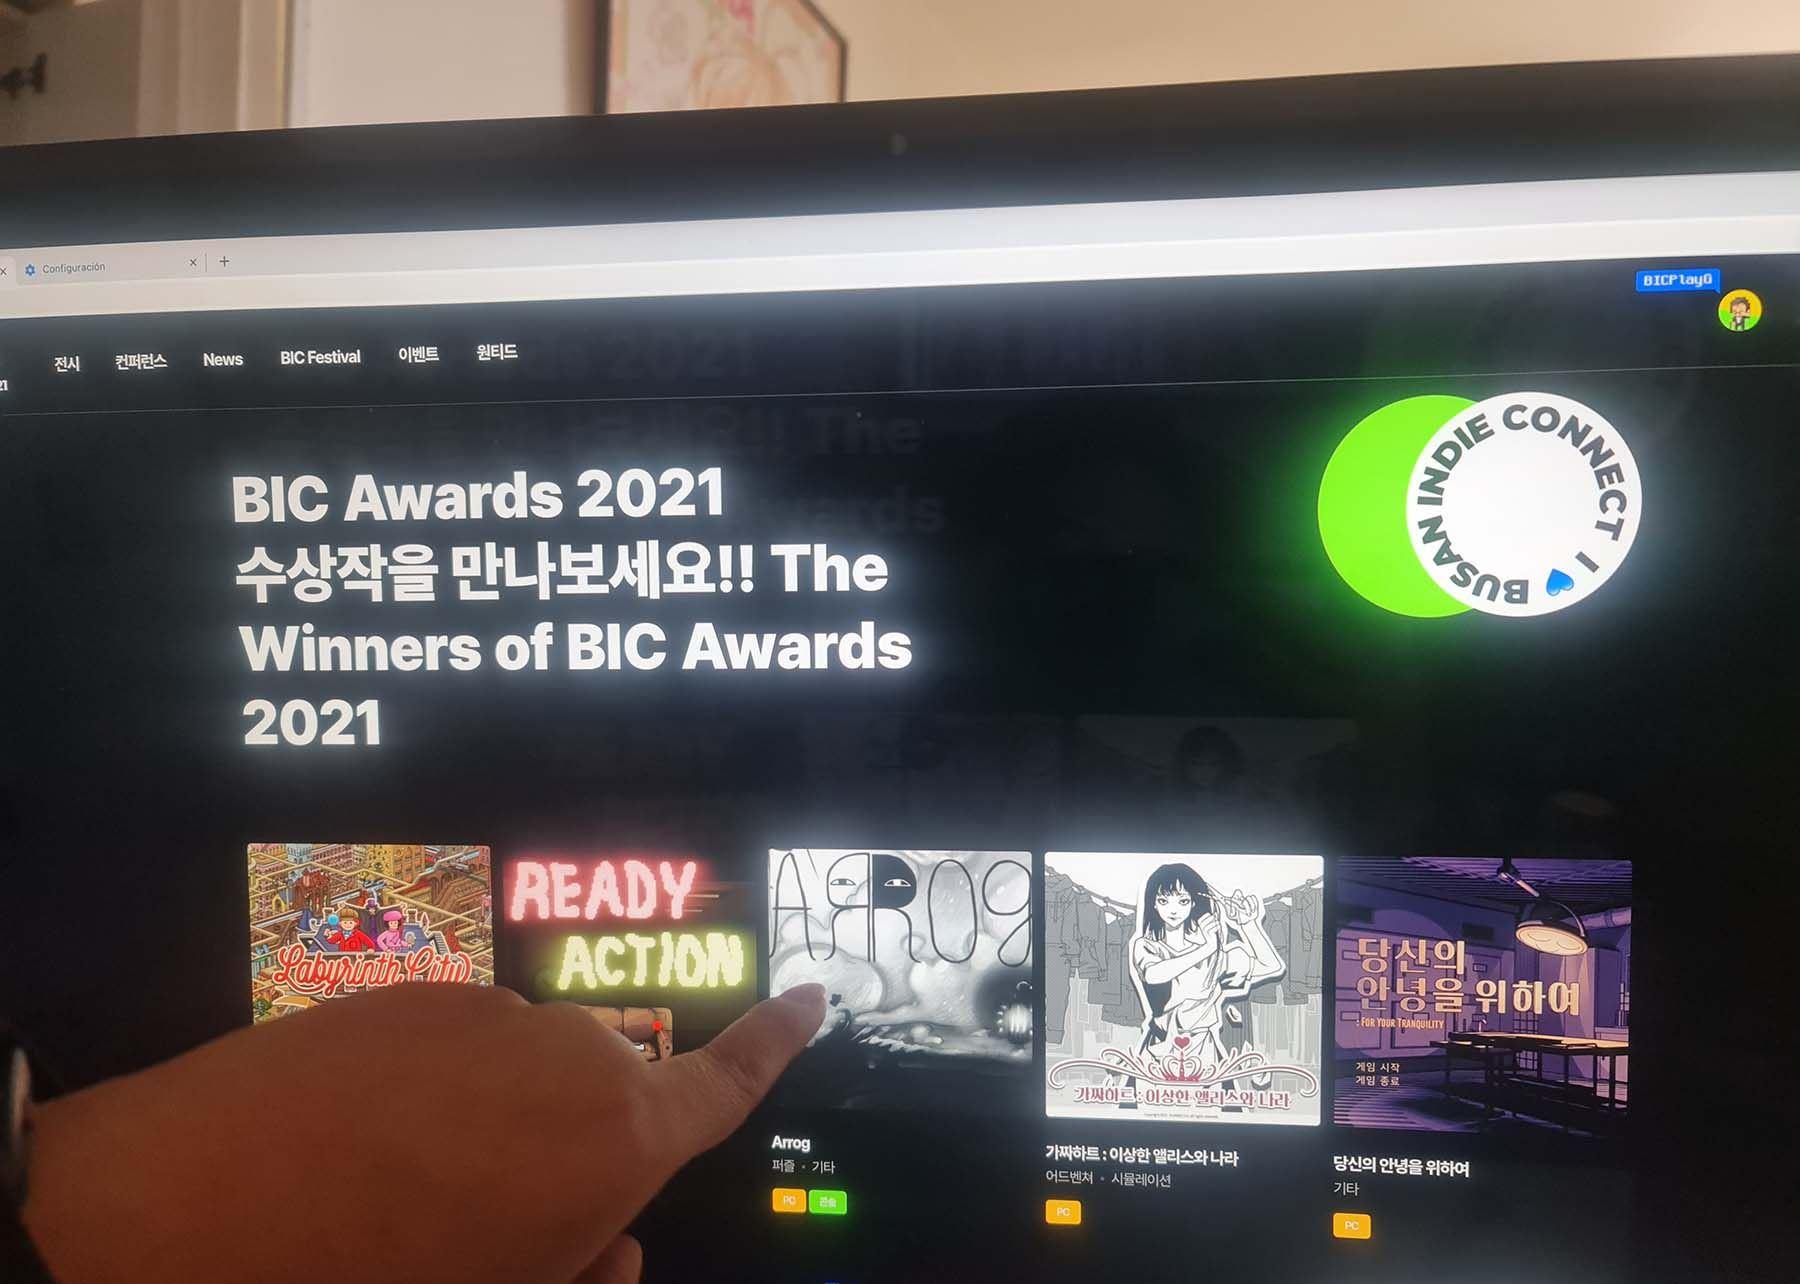 Juego Arrog fue premiado en festival en Corea